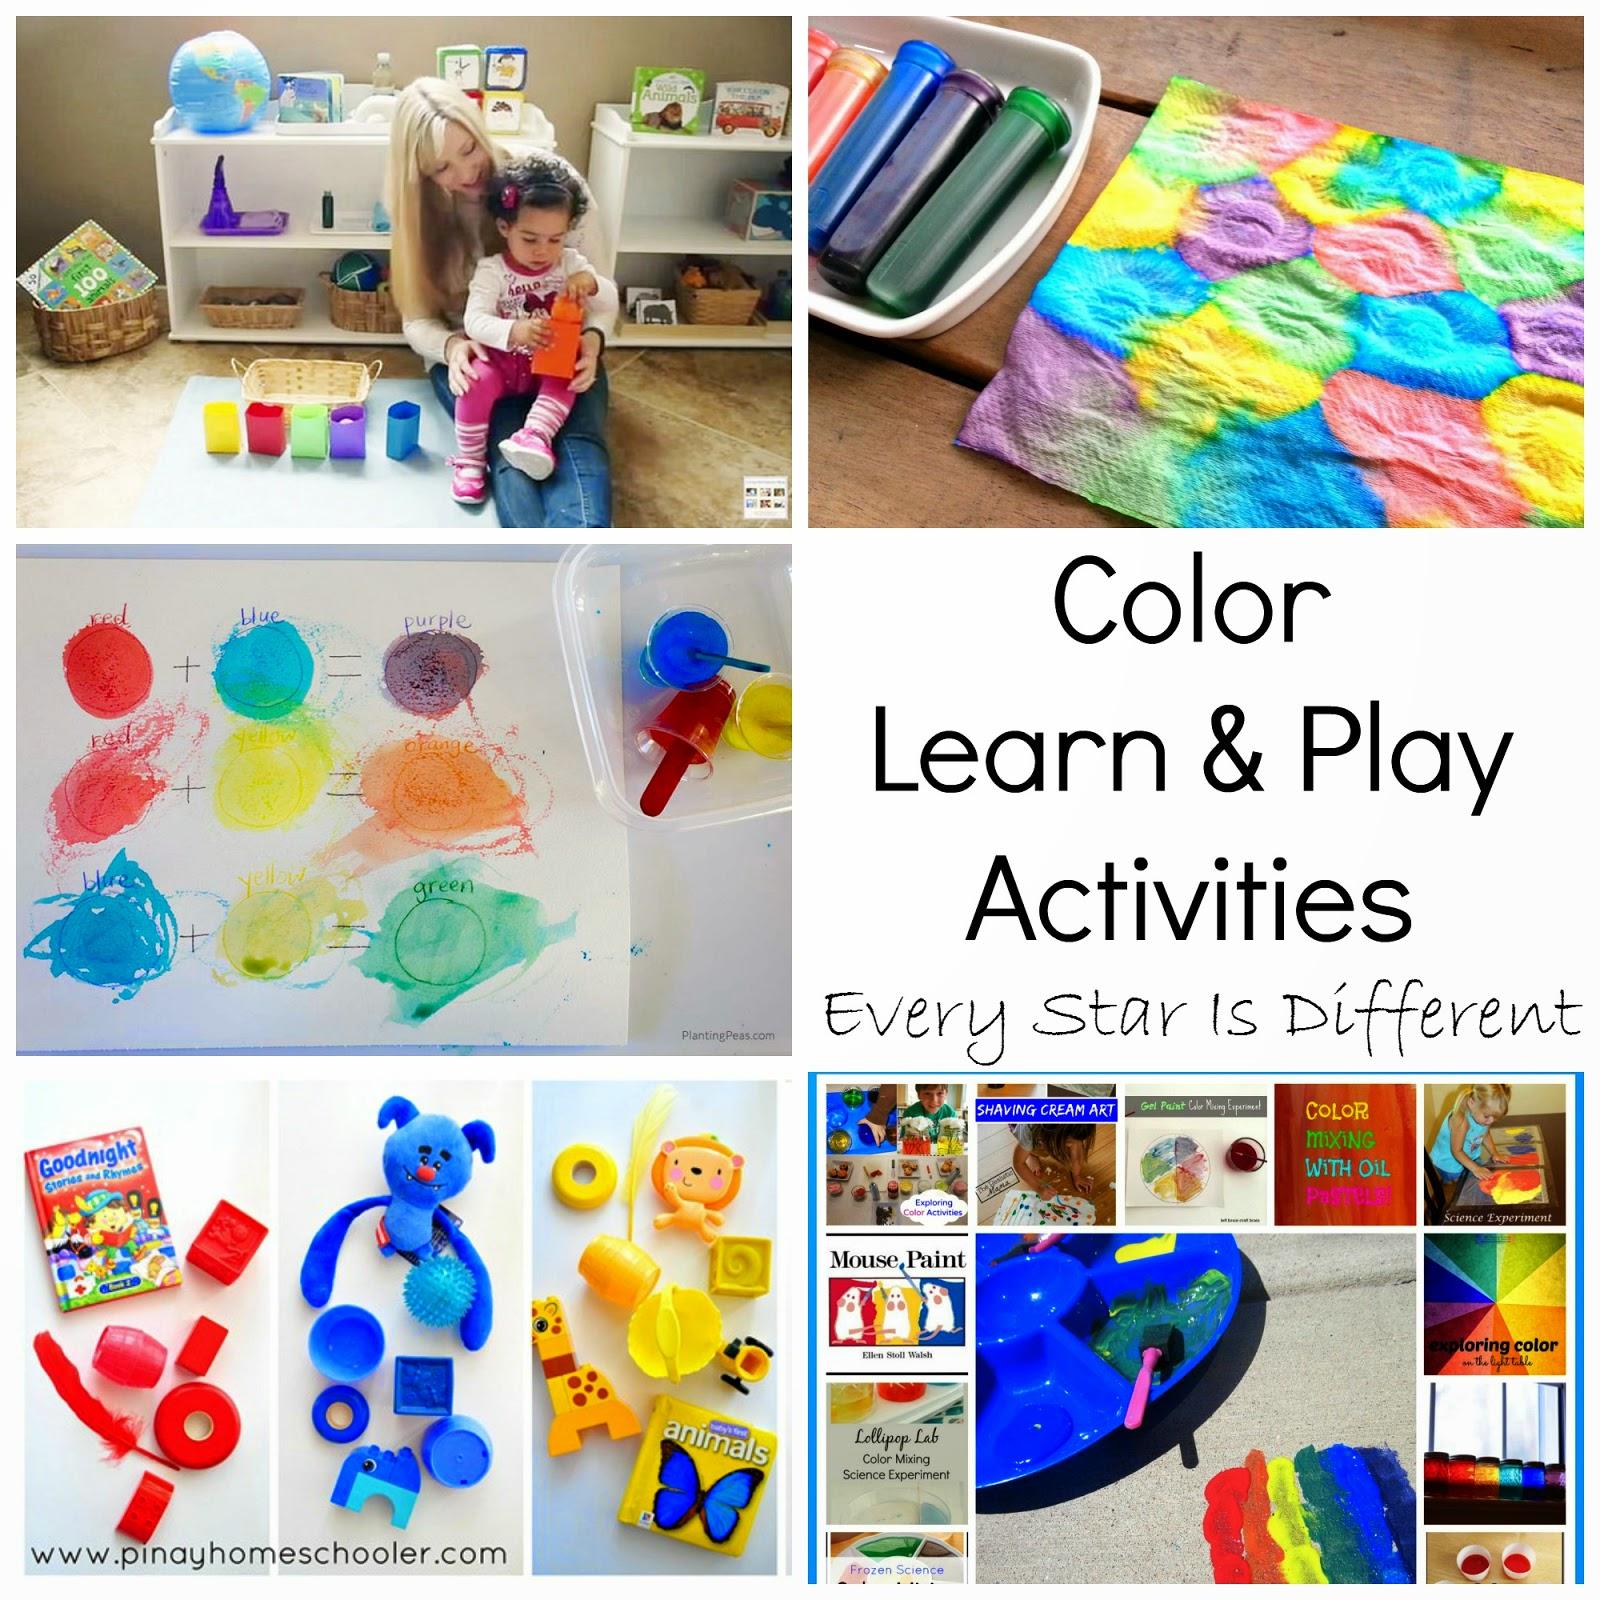 montessori inspired pink activities for tots u0026 preschoolers w